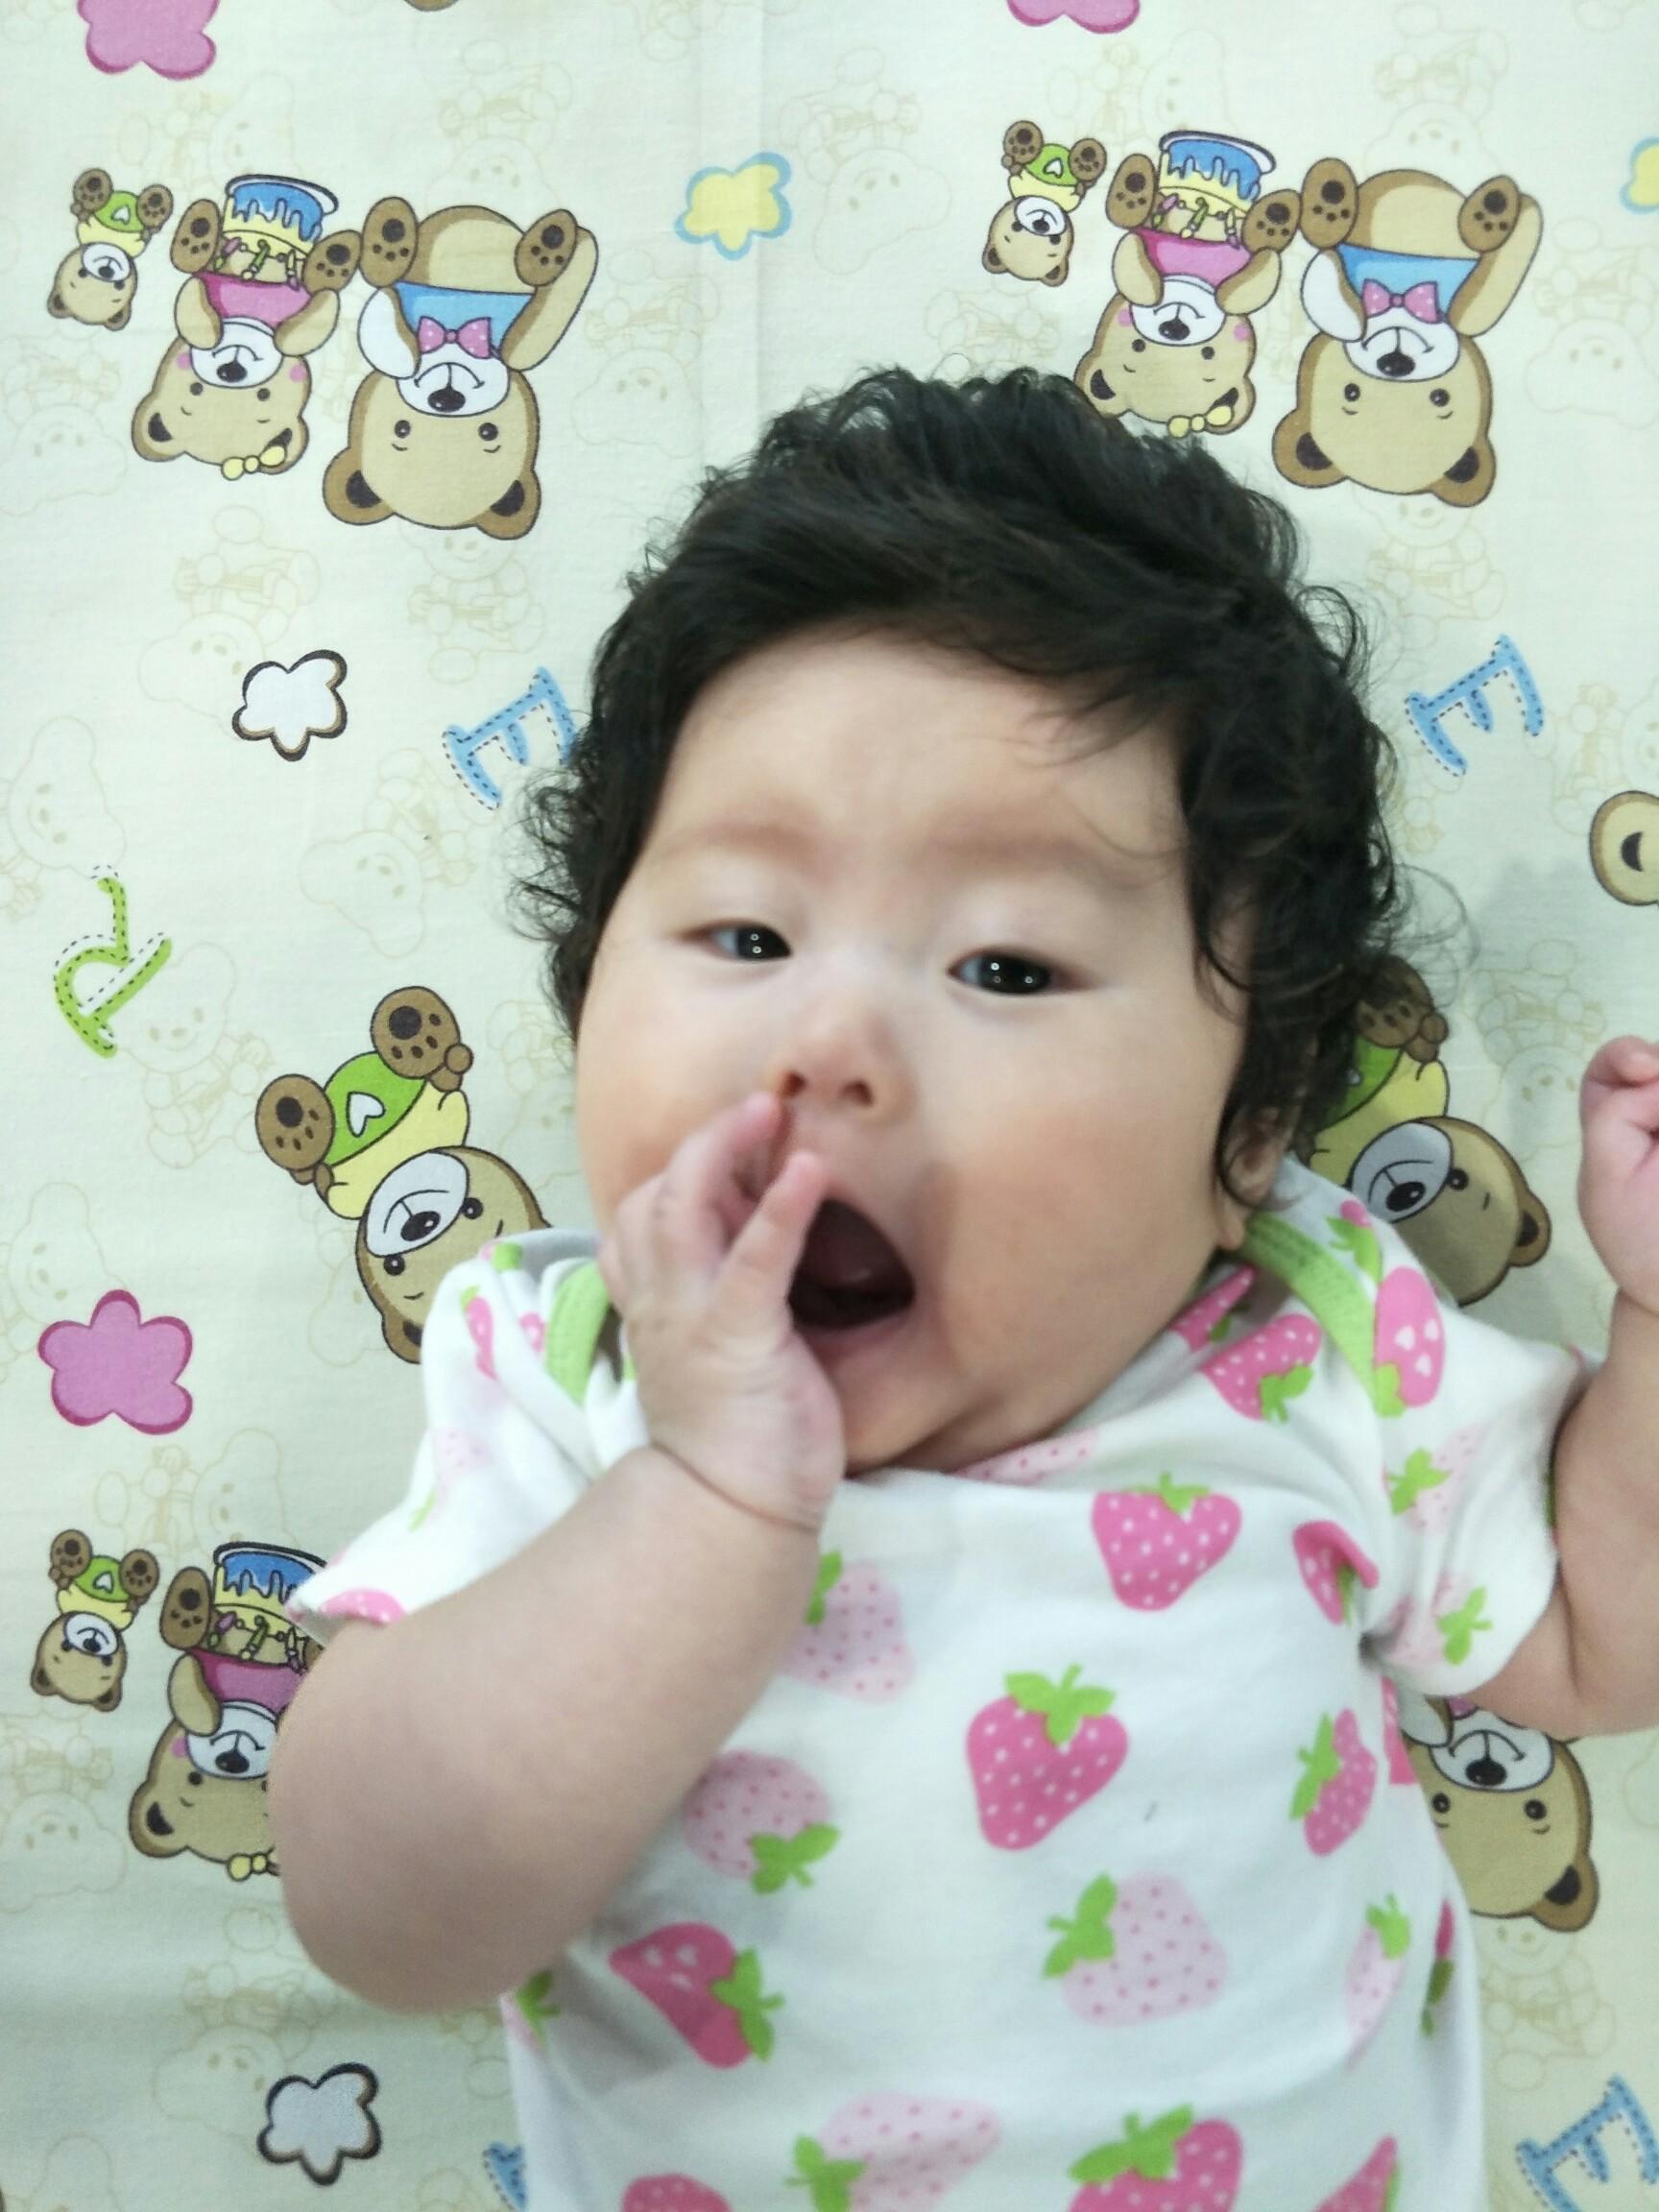 宝宝 壁纸 儿童 孩子 小孩 婴儿 1728_2304 竖版 竖屏 手机